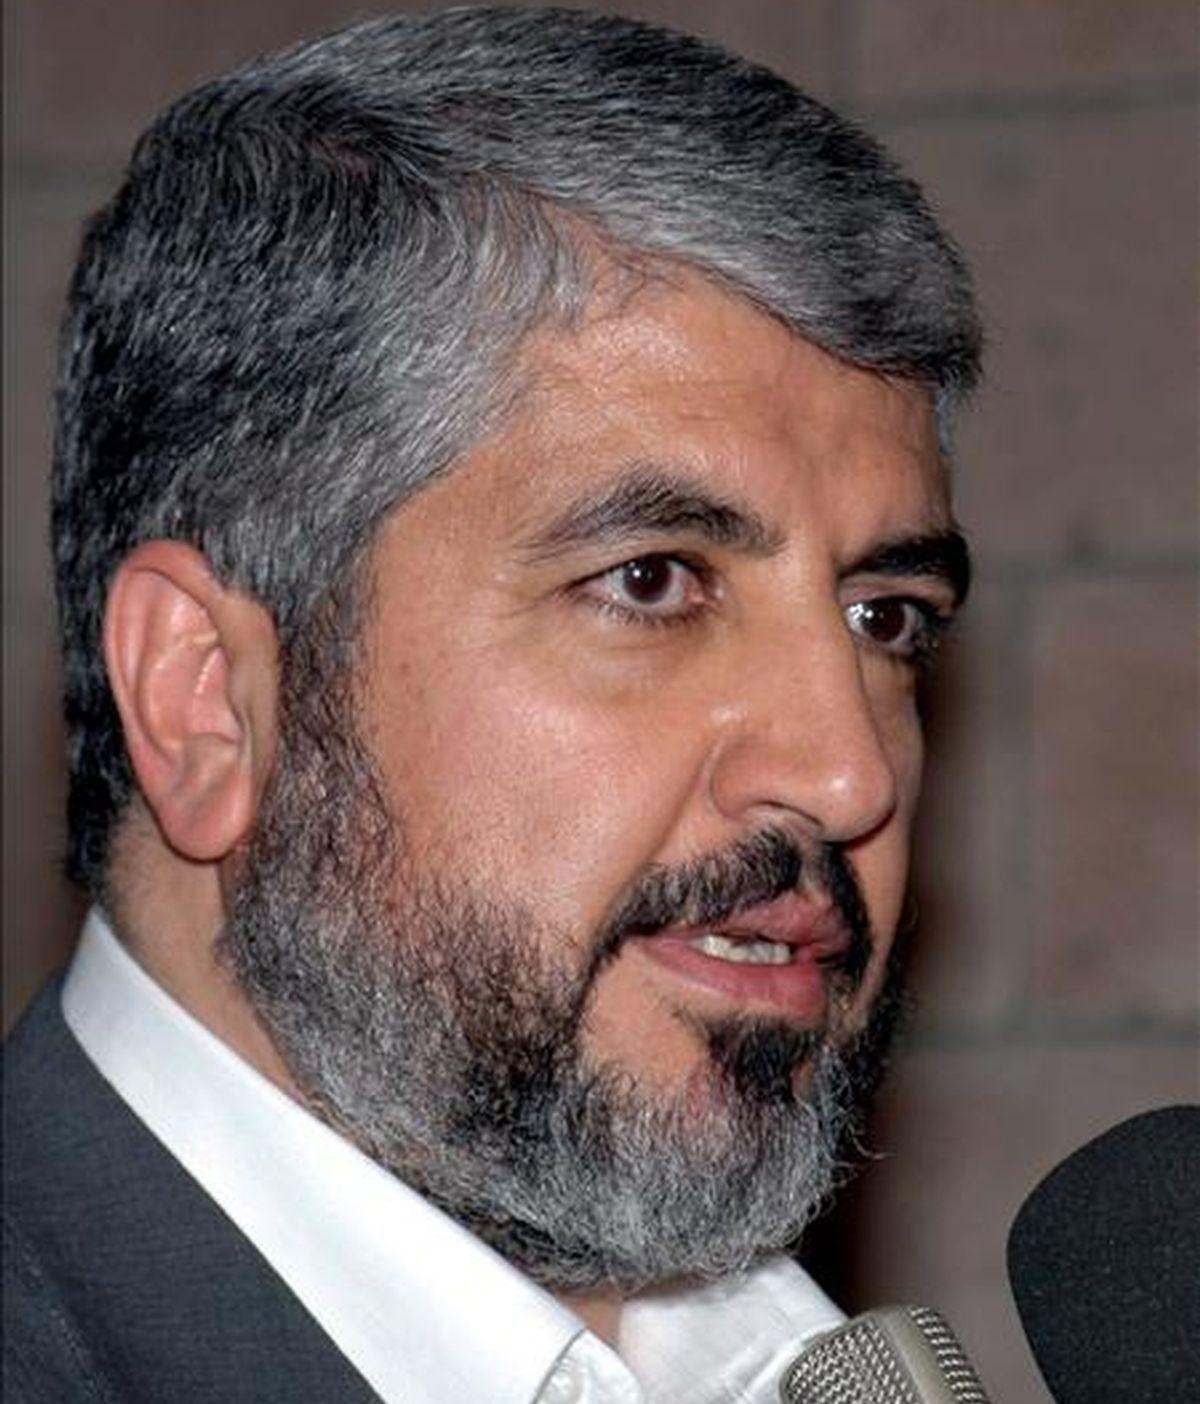 El máximo dirigente de Hamás, Jaled Meshal. EFE/Archivo